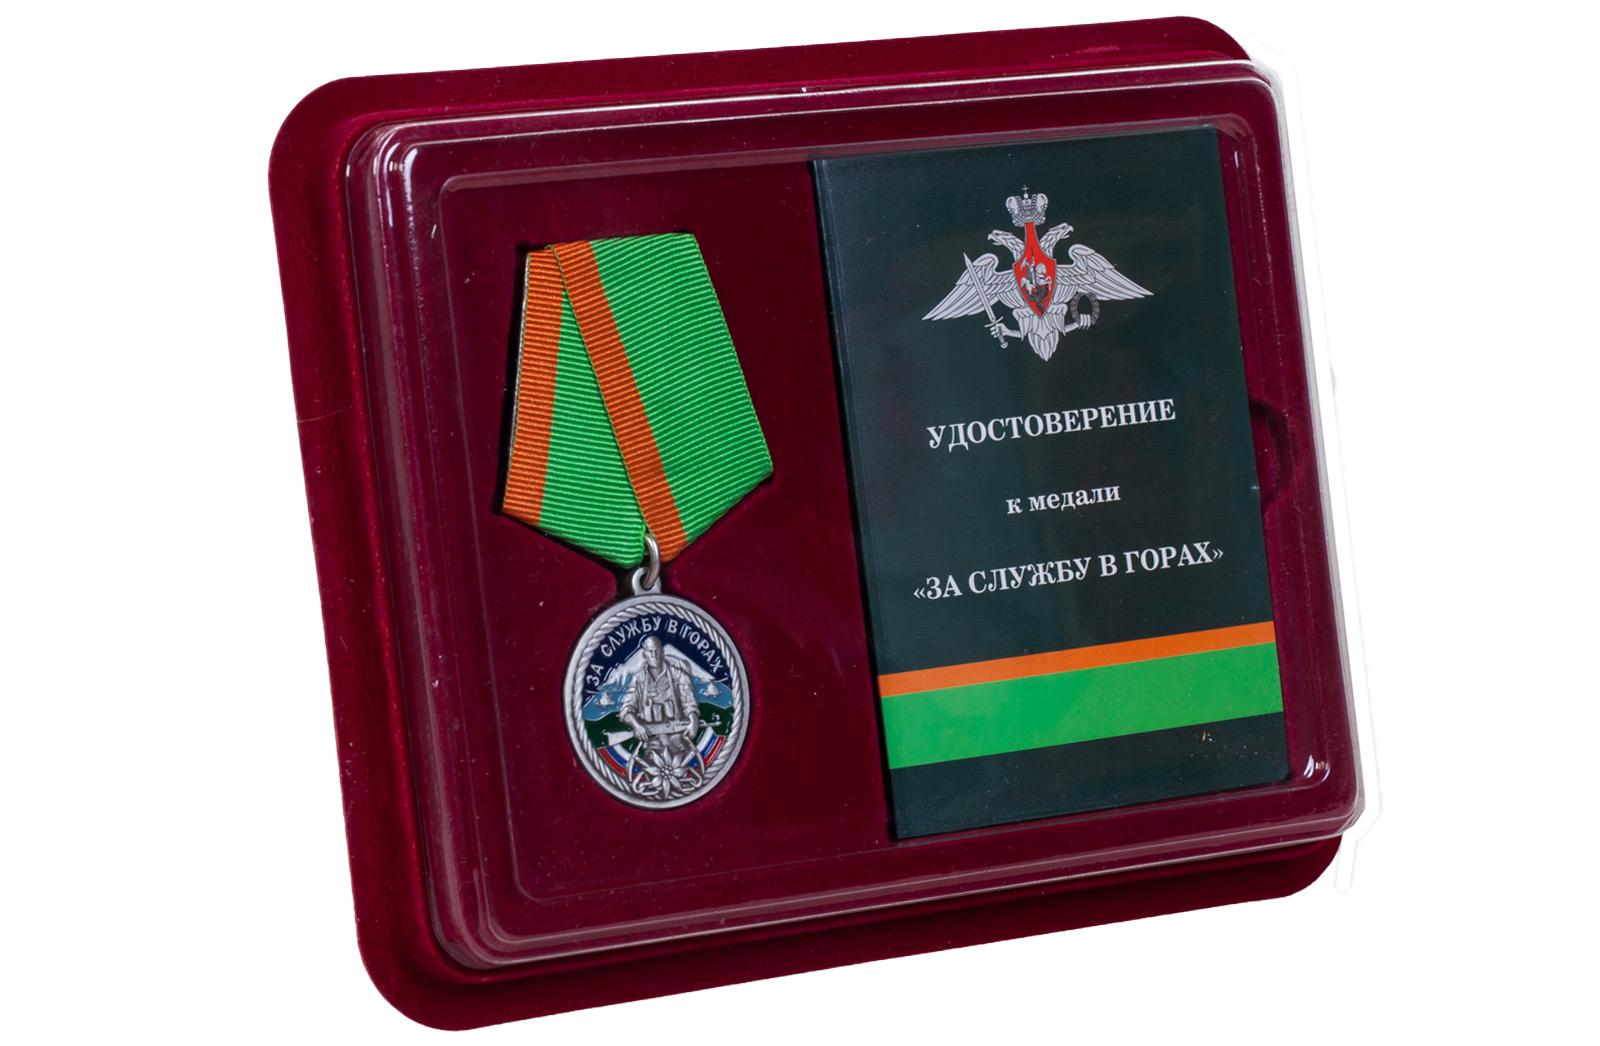 Купить памятную медаль За службу в горах с доставкой или самовывозом